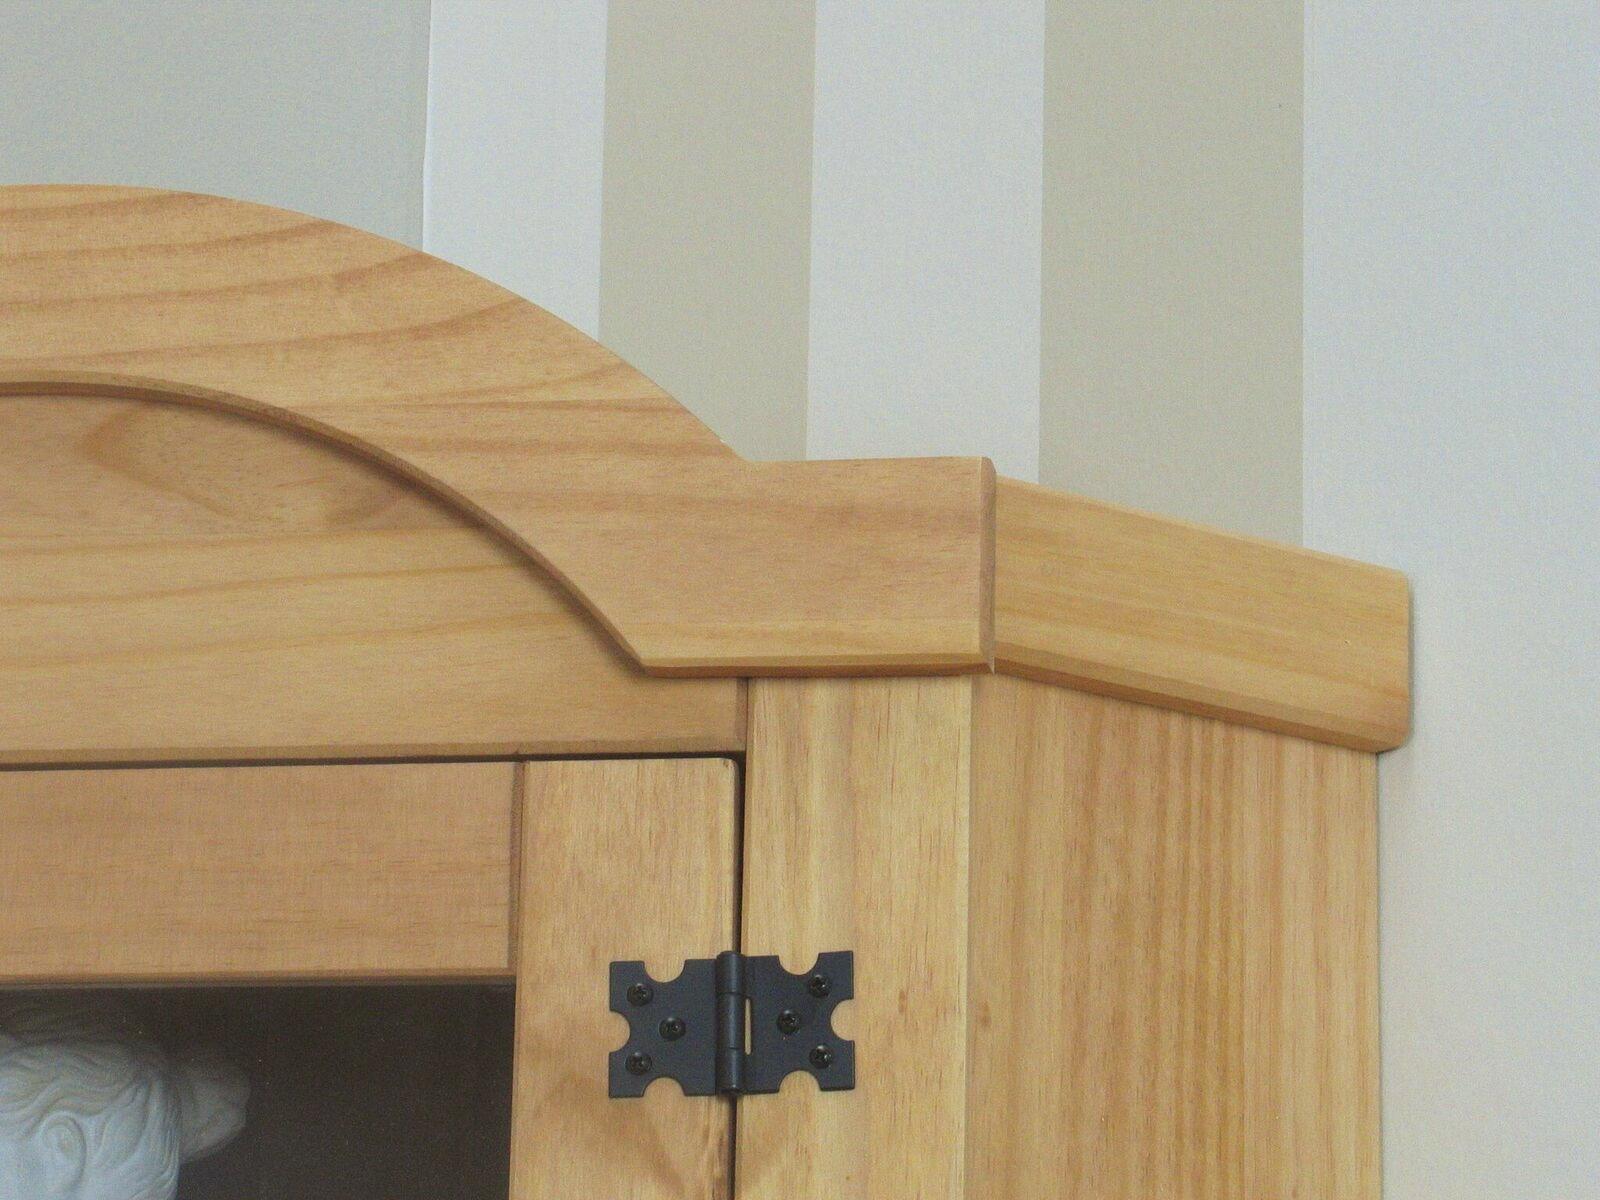 Free Eckschrank Kiefer Natur New Mexico Massiv Mbel Wohnen Wohnzimmer With